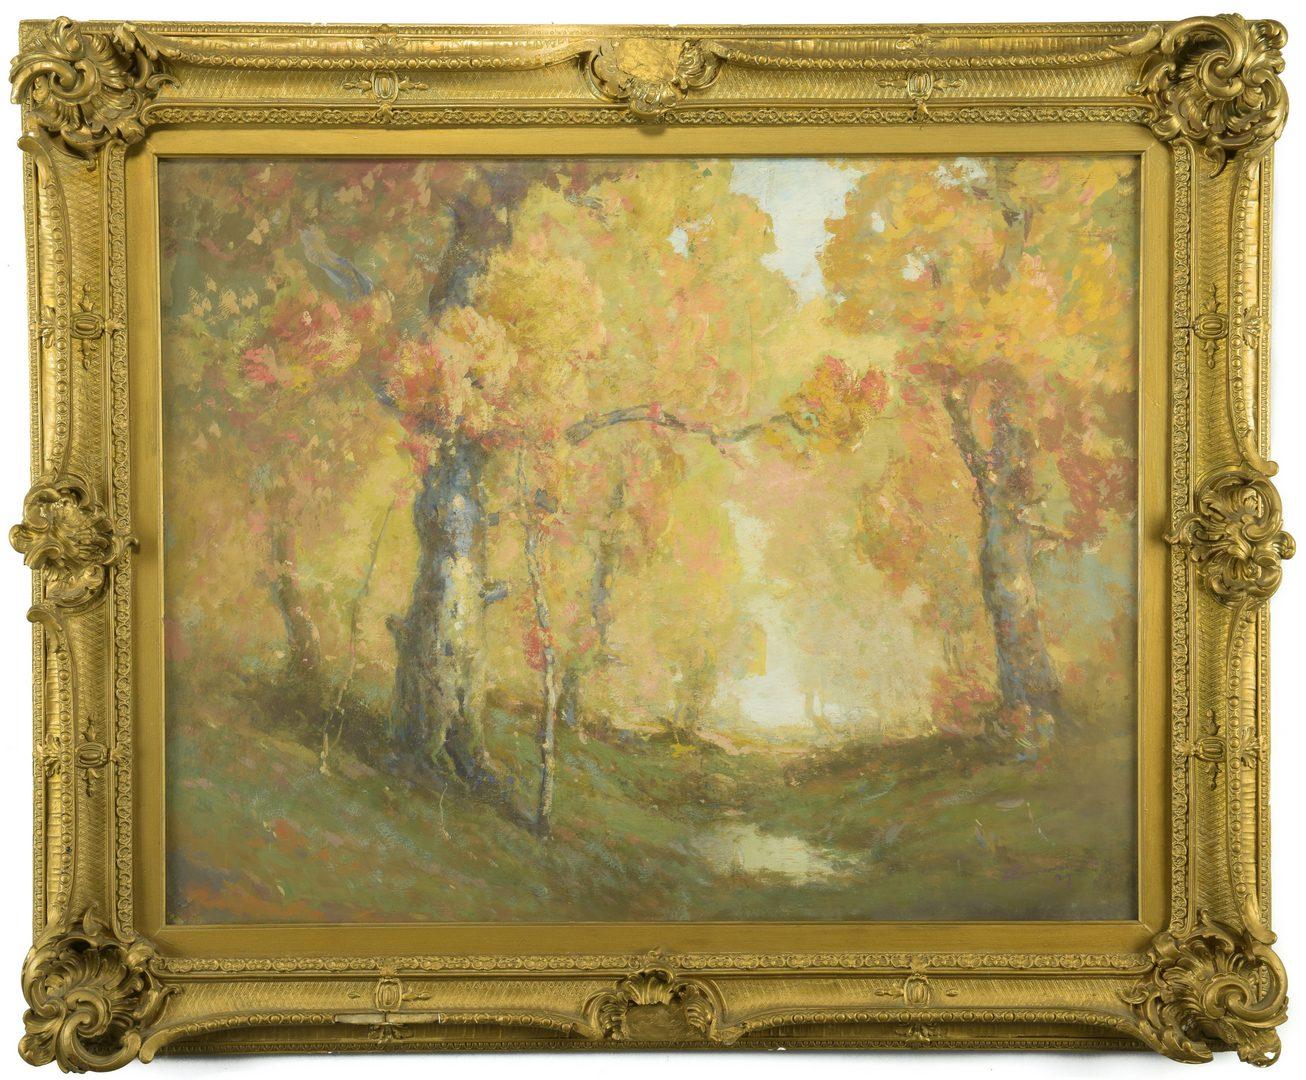 Lot 416: William C. Emerson landscape, tempera on board